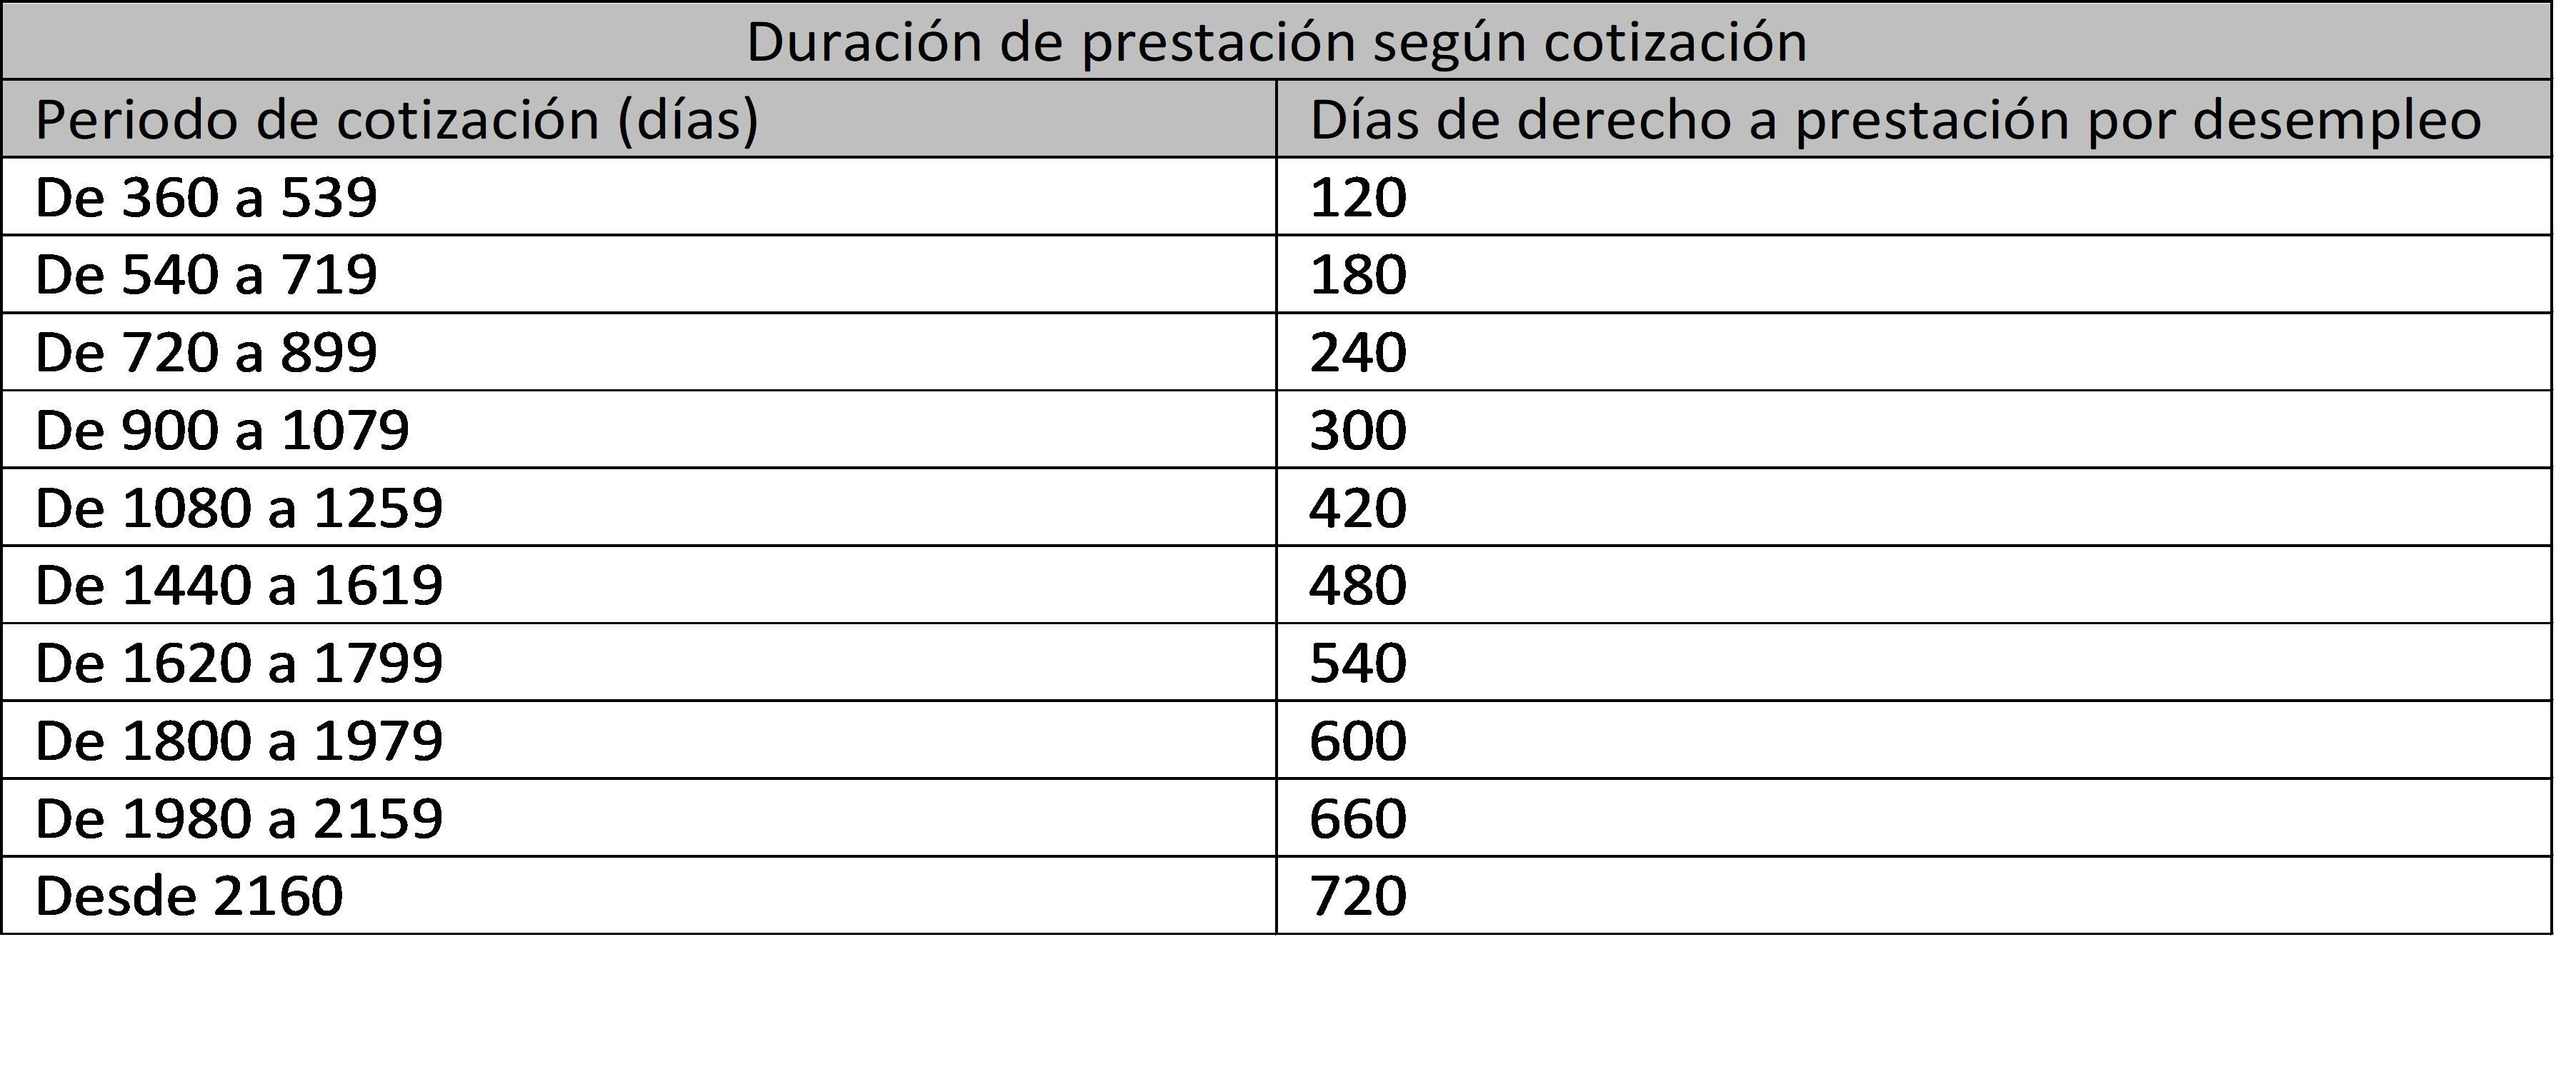 Duración de la prestación según la cotización